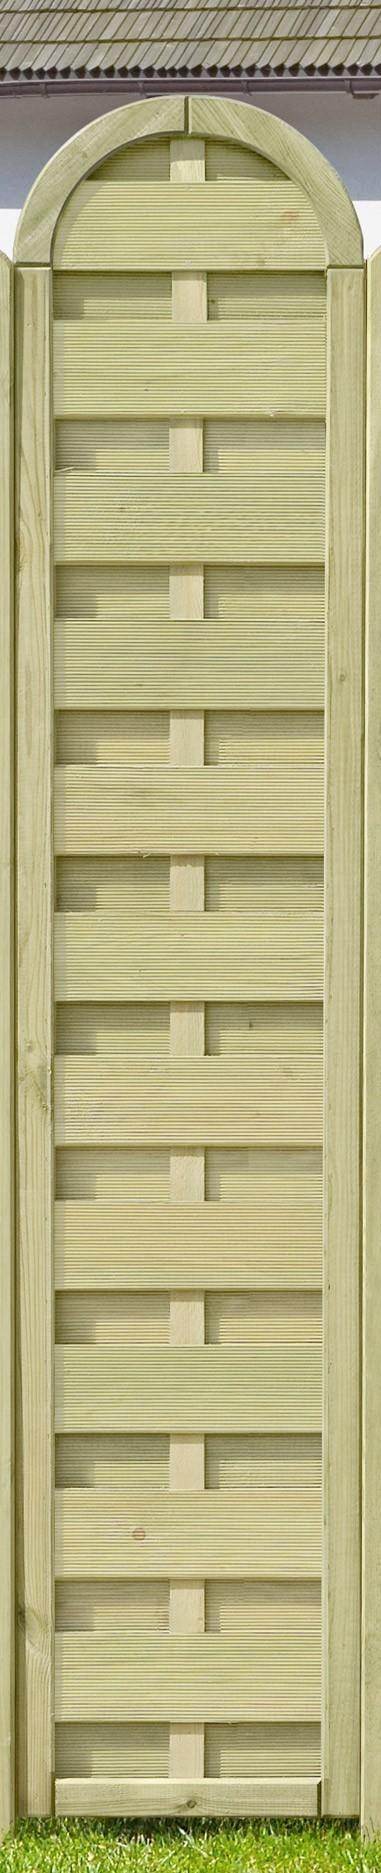 Sichtschutzzaun / Dichtzaun kdi Rundelement 40x180/200cm Bild 1